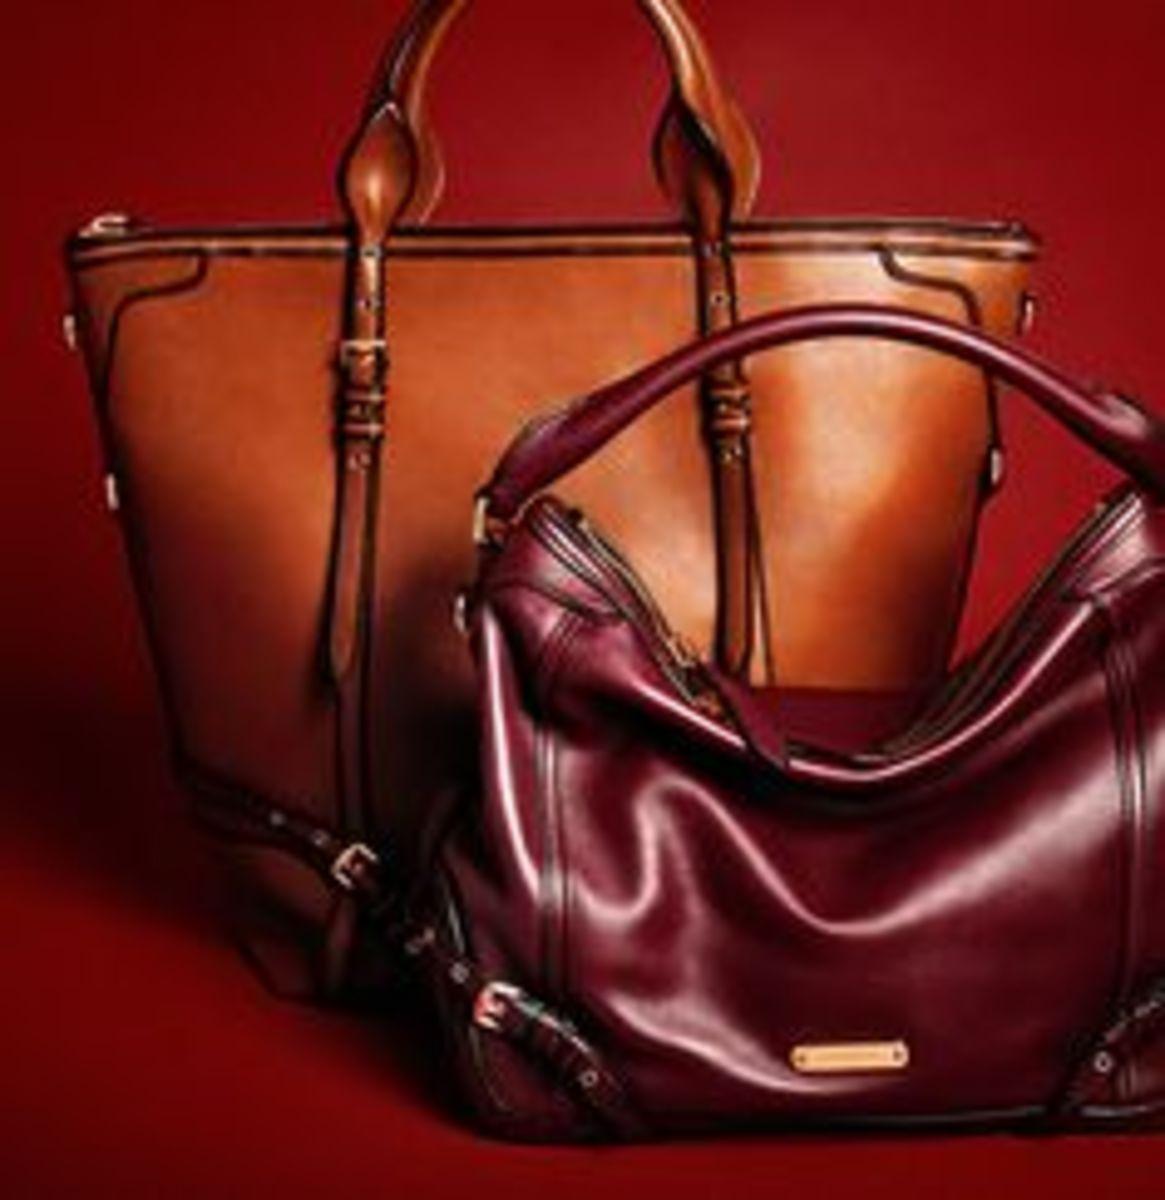 Iconic British Luxury Brand Est. 1856